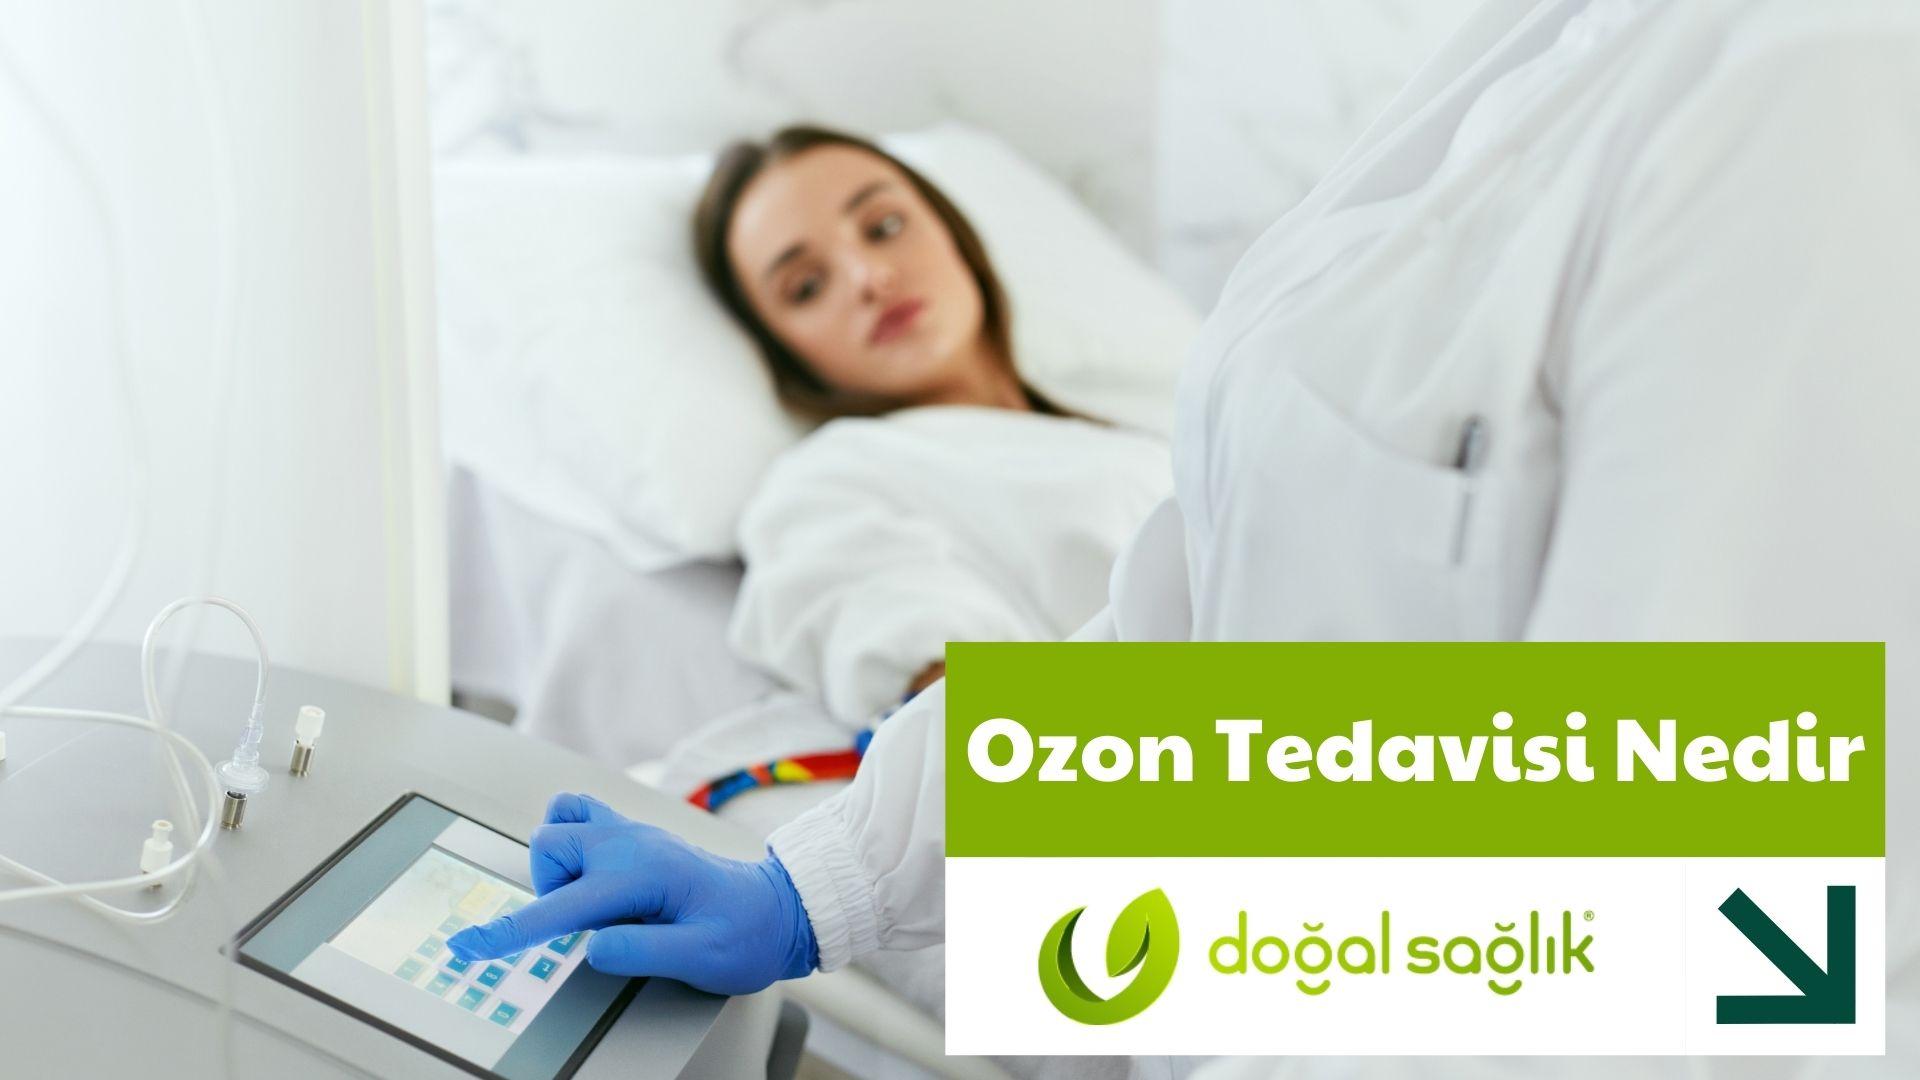 Ozon Tedavisi Nedir